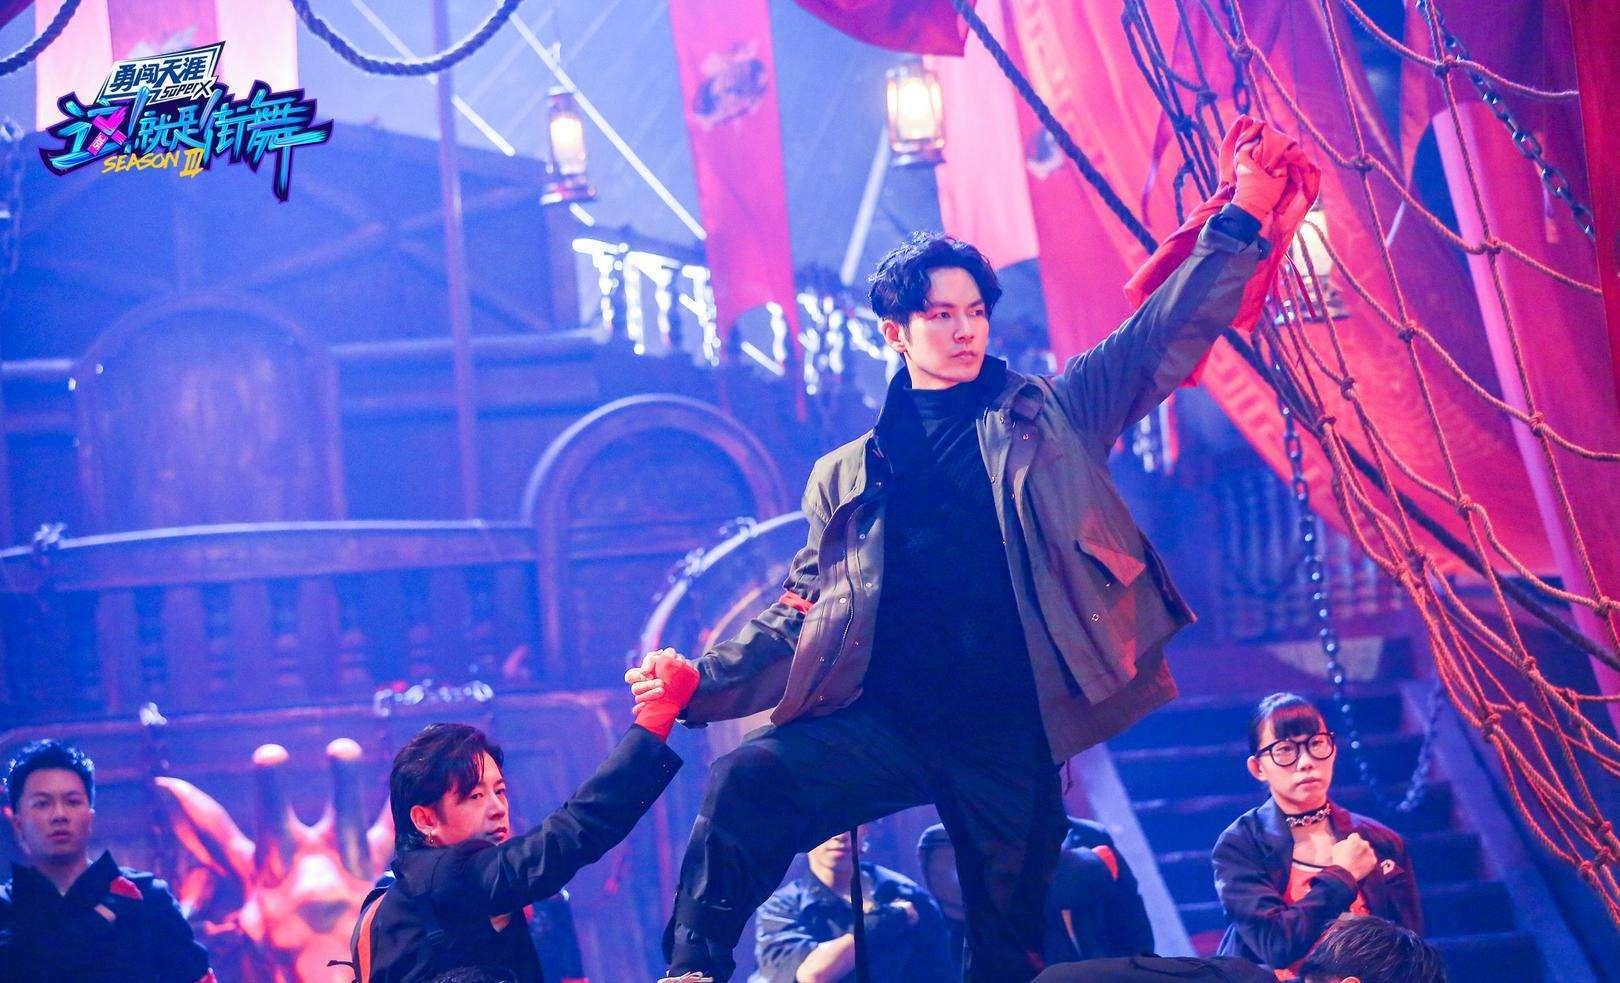 热血为矛,为爱而战,《这就是街舞3》重启街舞精神